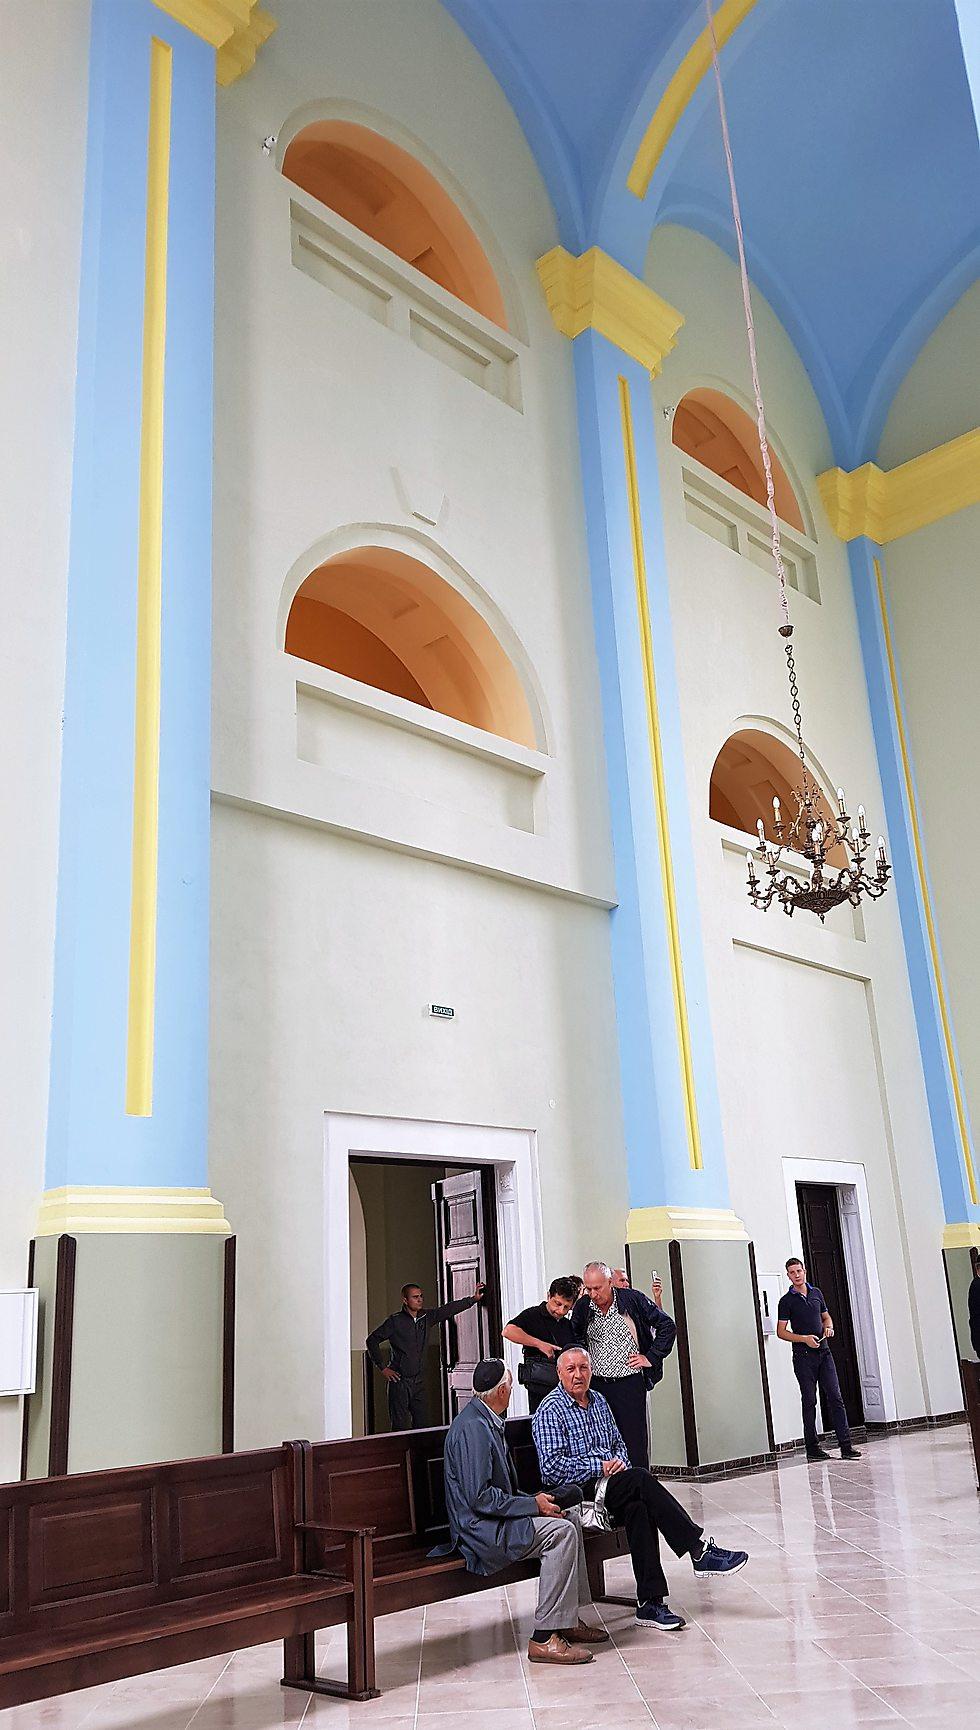 בית הכנסת הגדול בדרוהוביץ'  ()